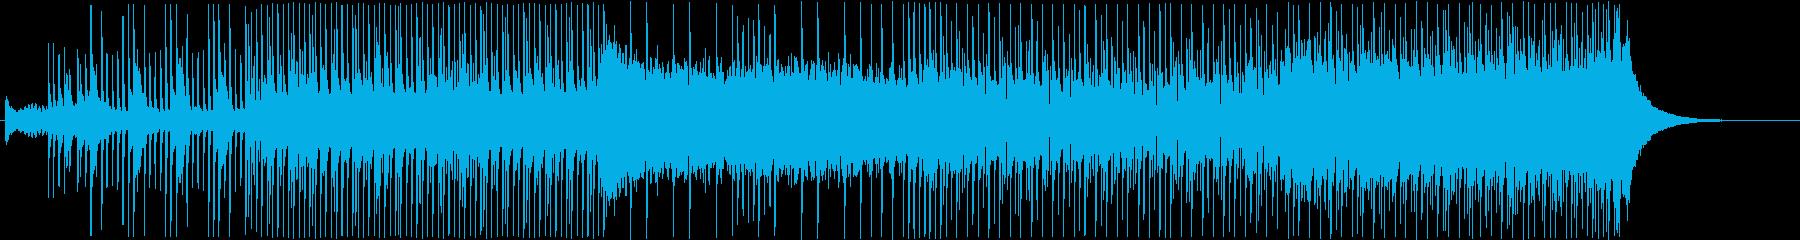 三味線を使った和風のEDMの再生済みの波形